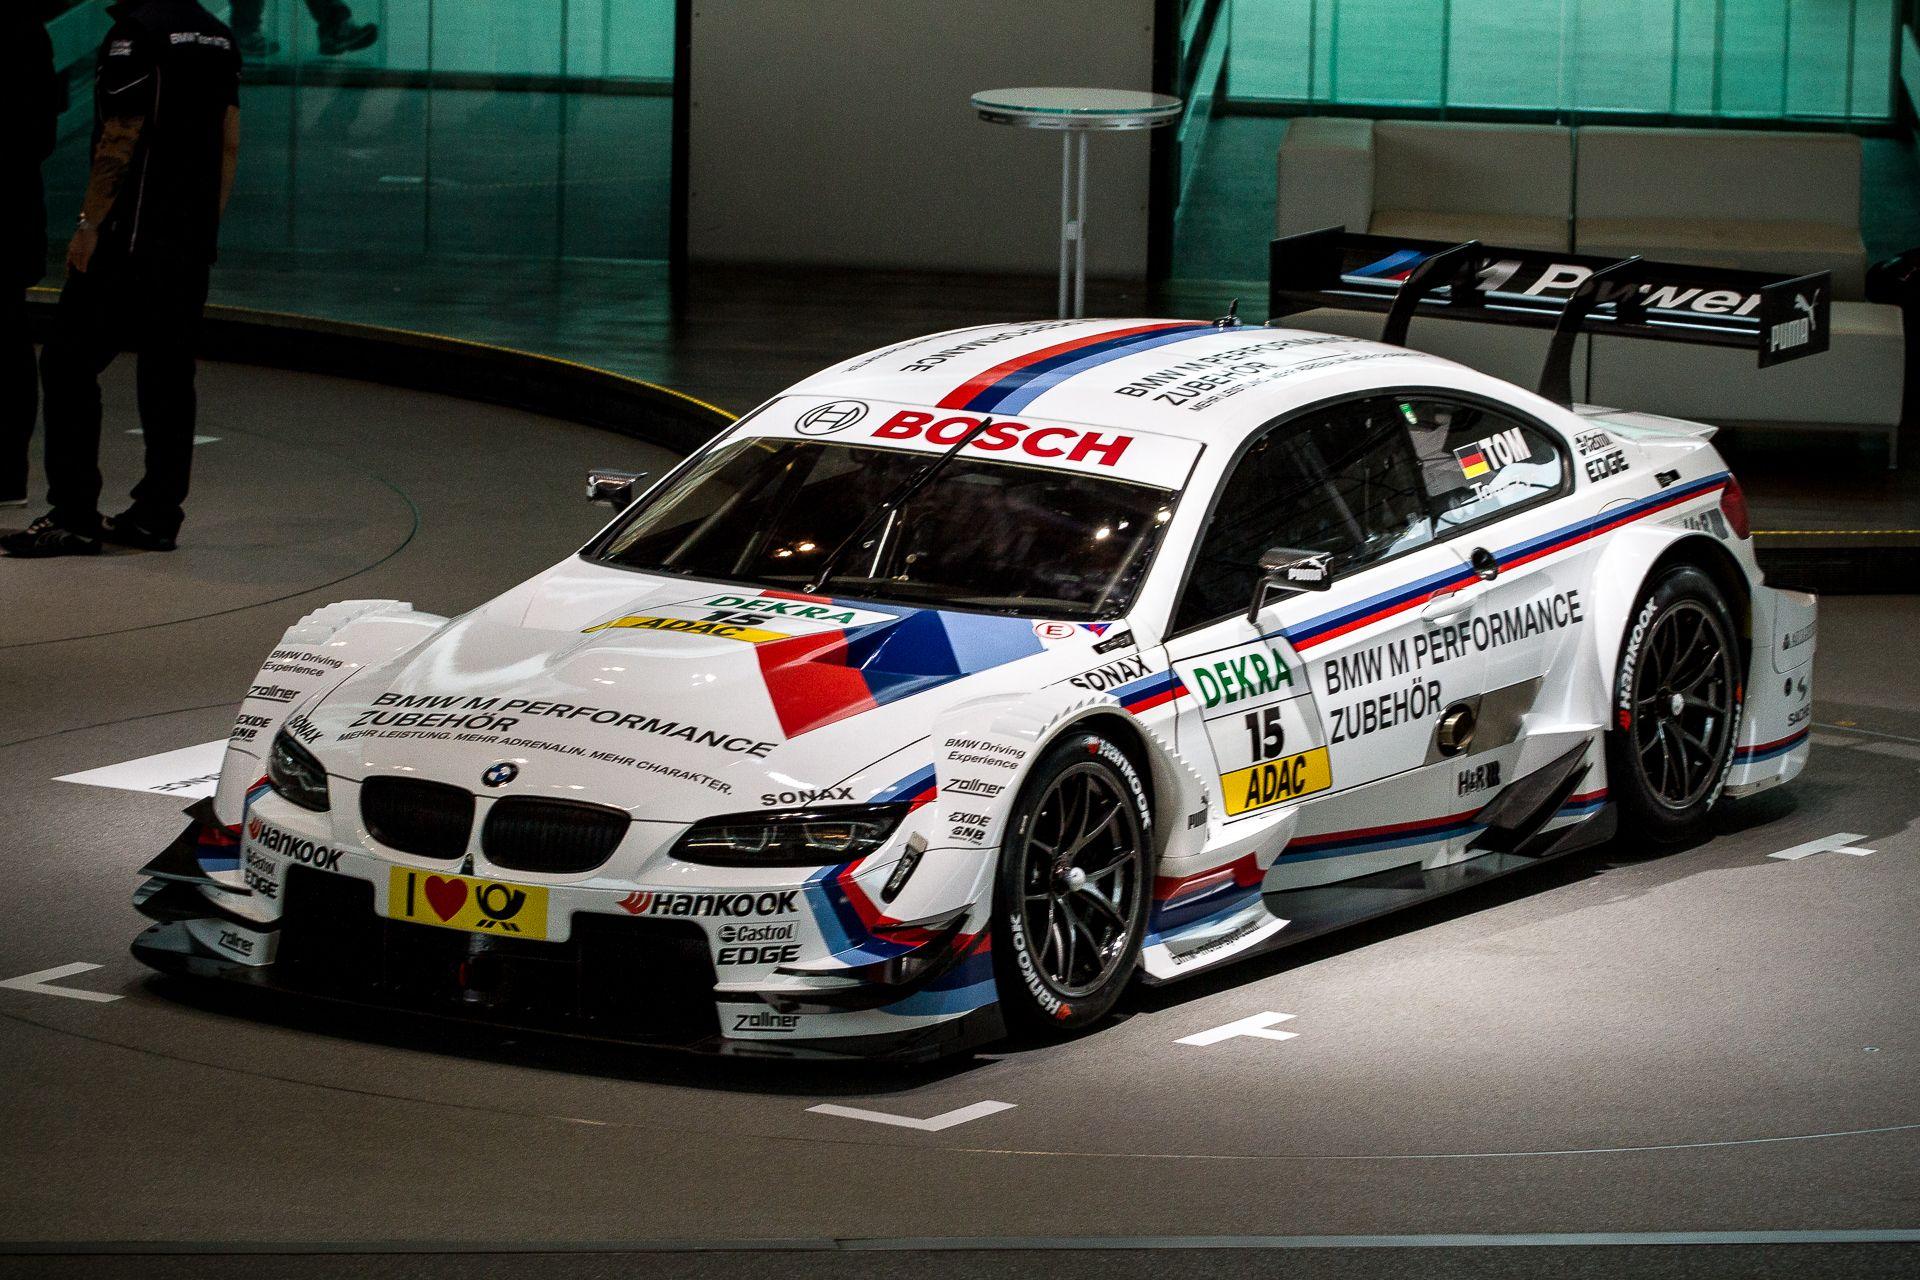 Bmw E92 M3 Dtm Bmw Cars Race Cars